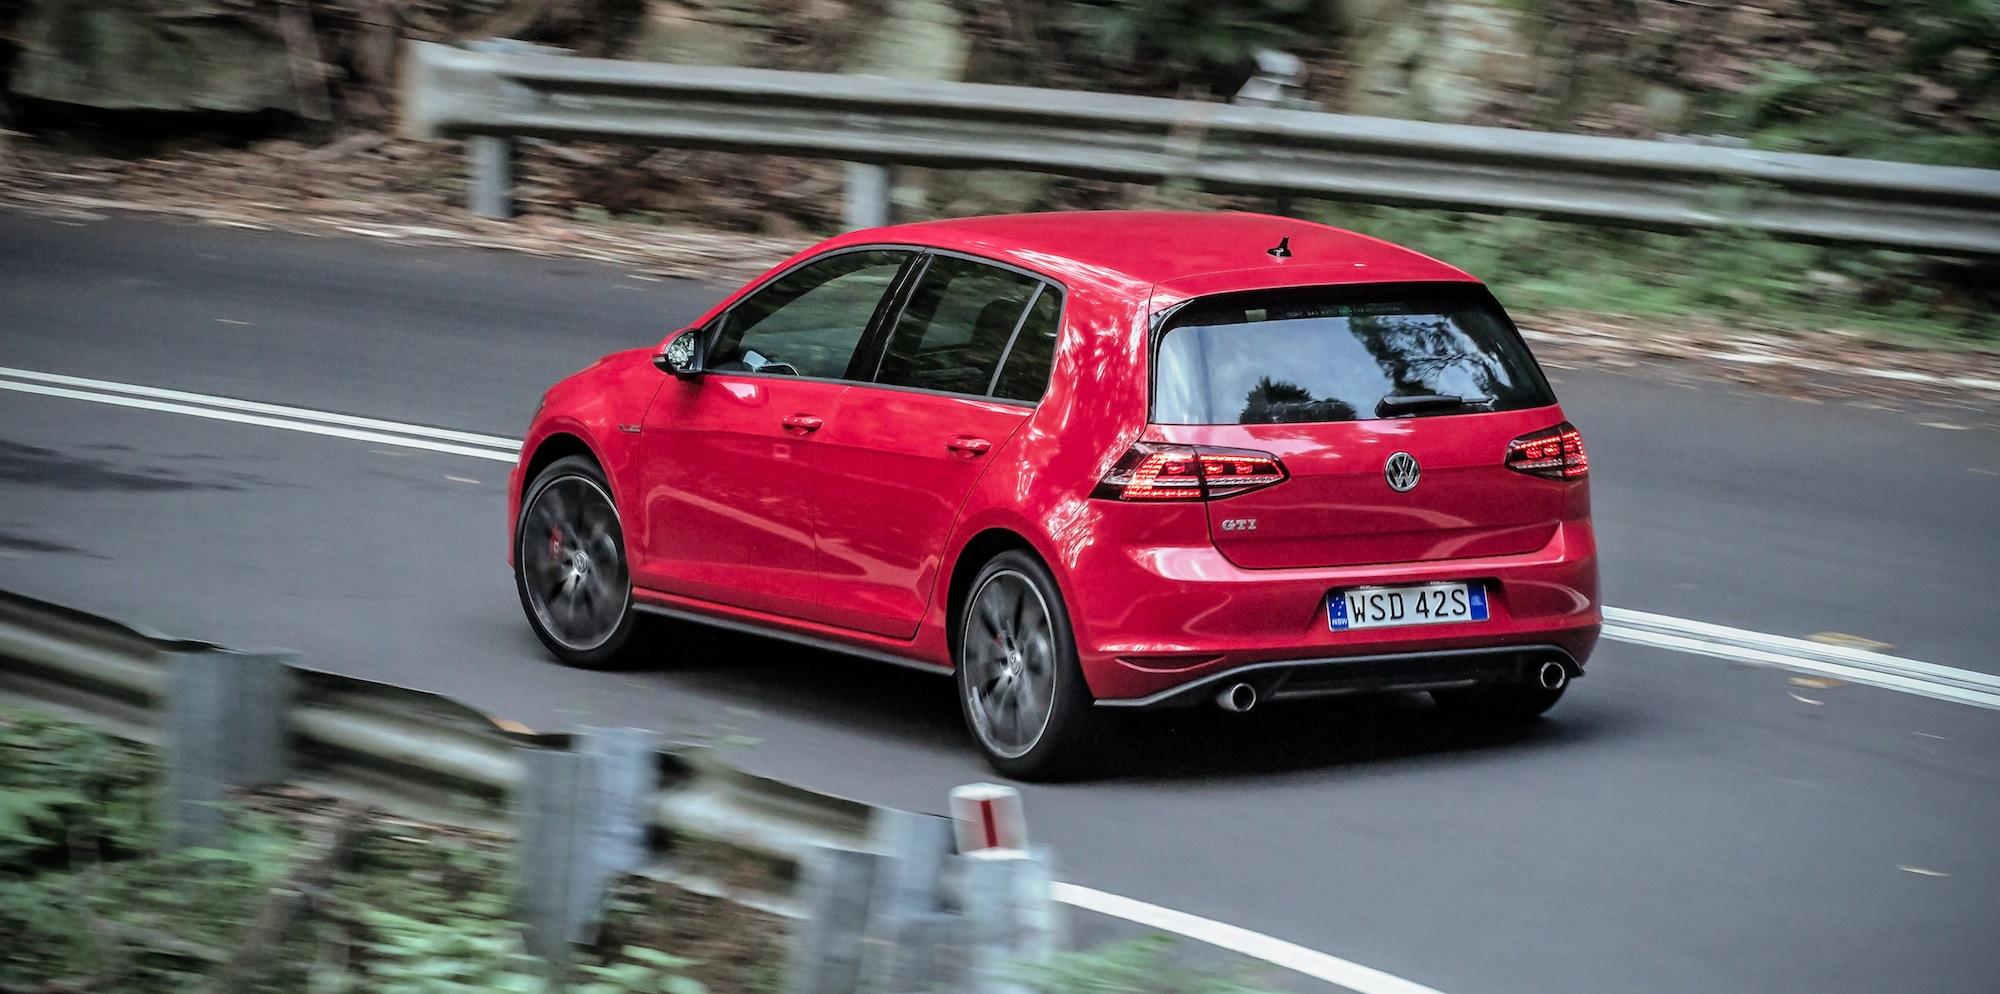 sports car comparison subaru wrx v volkswagen golf gti performance v renault megane rs265 photos. Black Bedroom Furniture Sets. Home Design Ideas